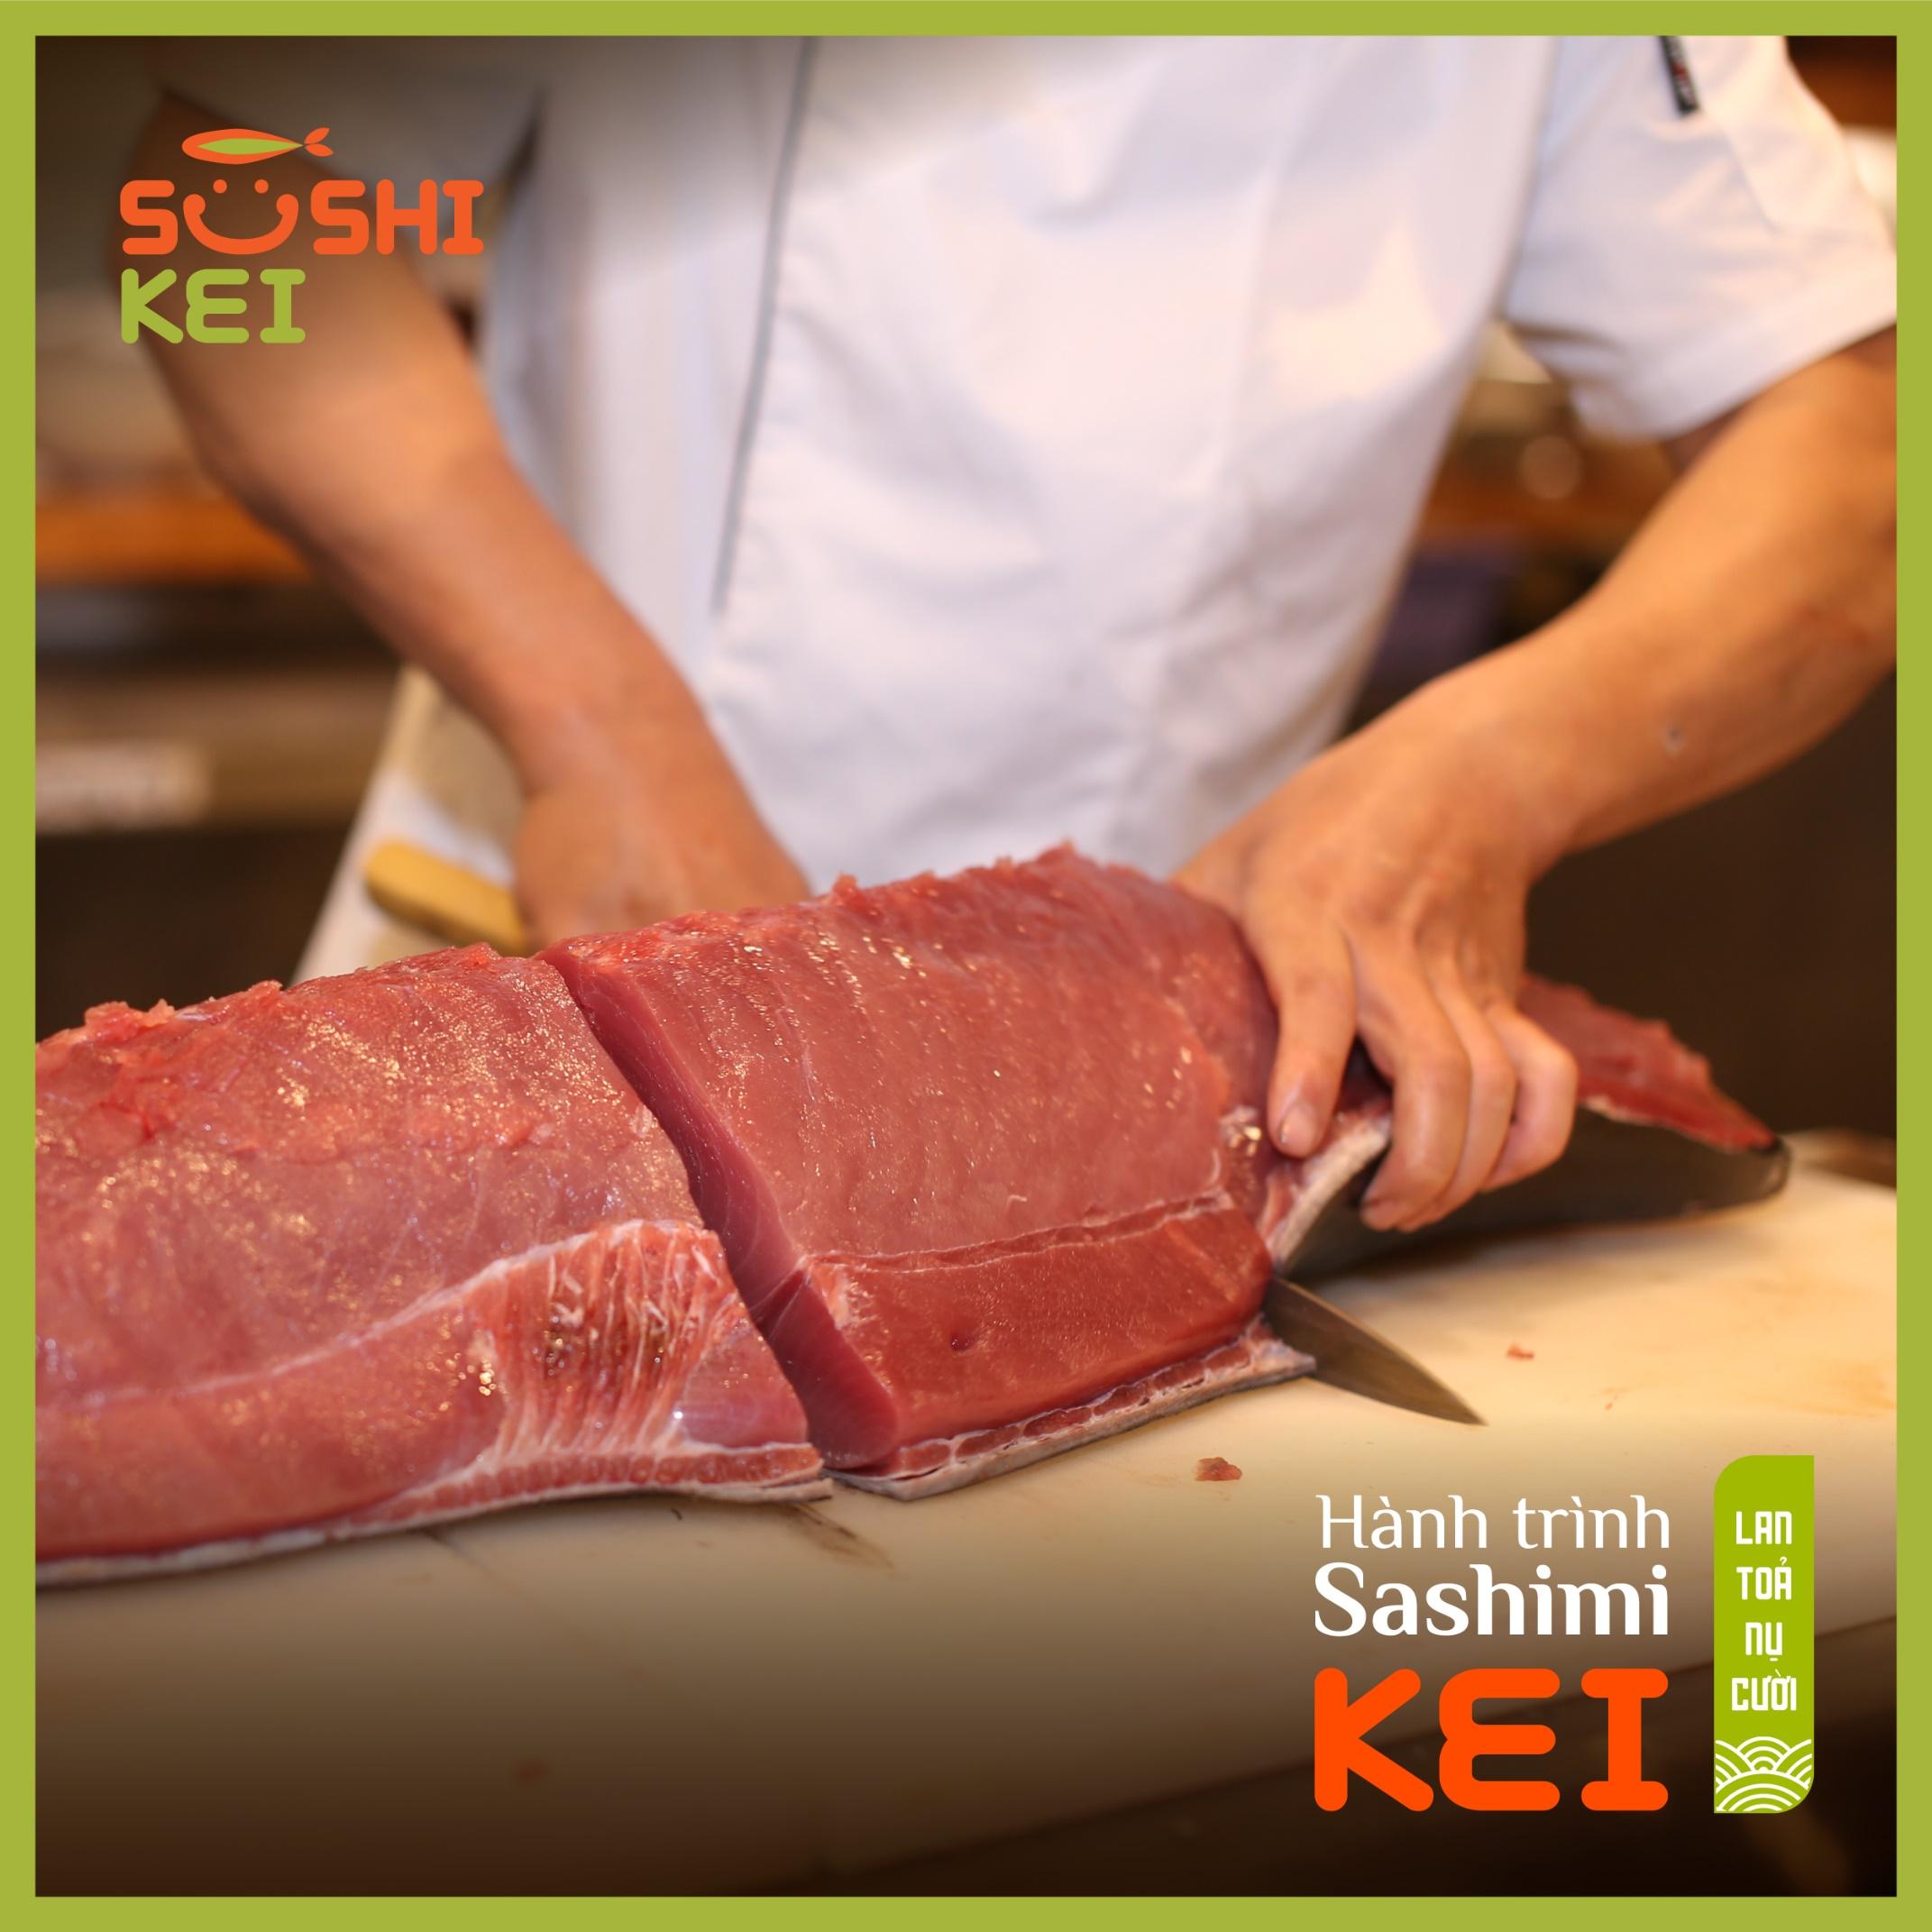 Kinh ngạc với cá ngừ khổng lồ 80kg cùng màn trình diễn chế biến chuyên nghiệp ngay tại nhà hàng Nhật - Sushi Kei - Ảnh 3.